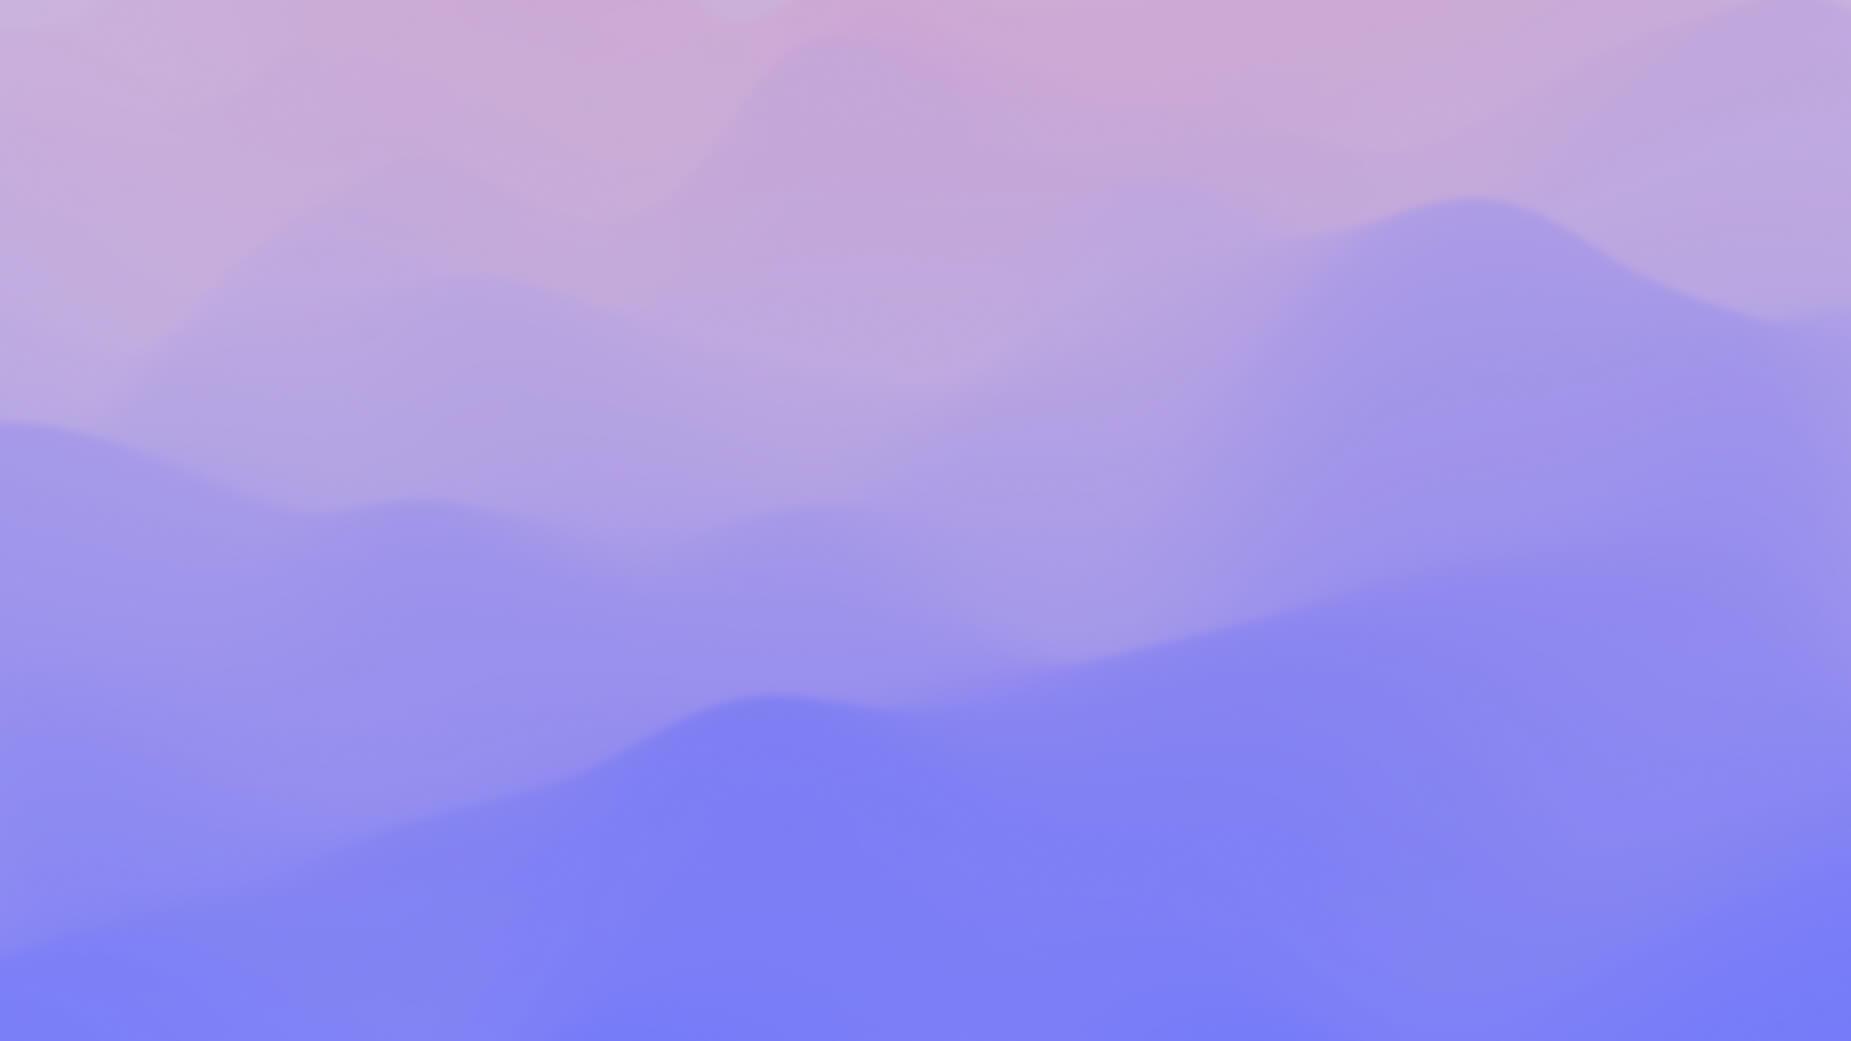 Dreams_Selects_03_Crop